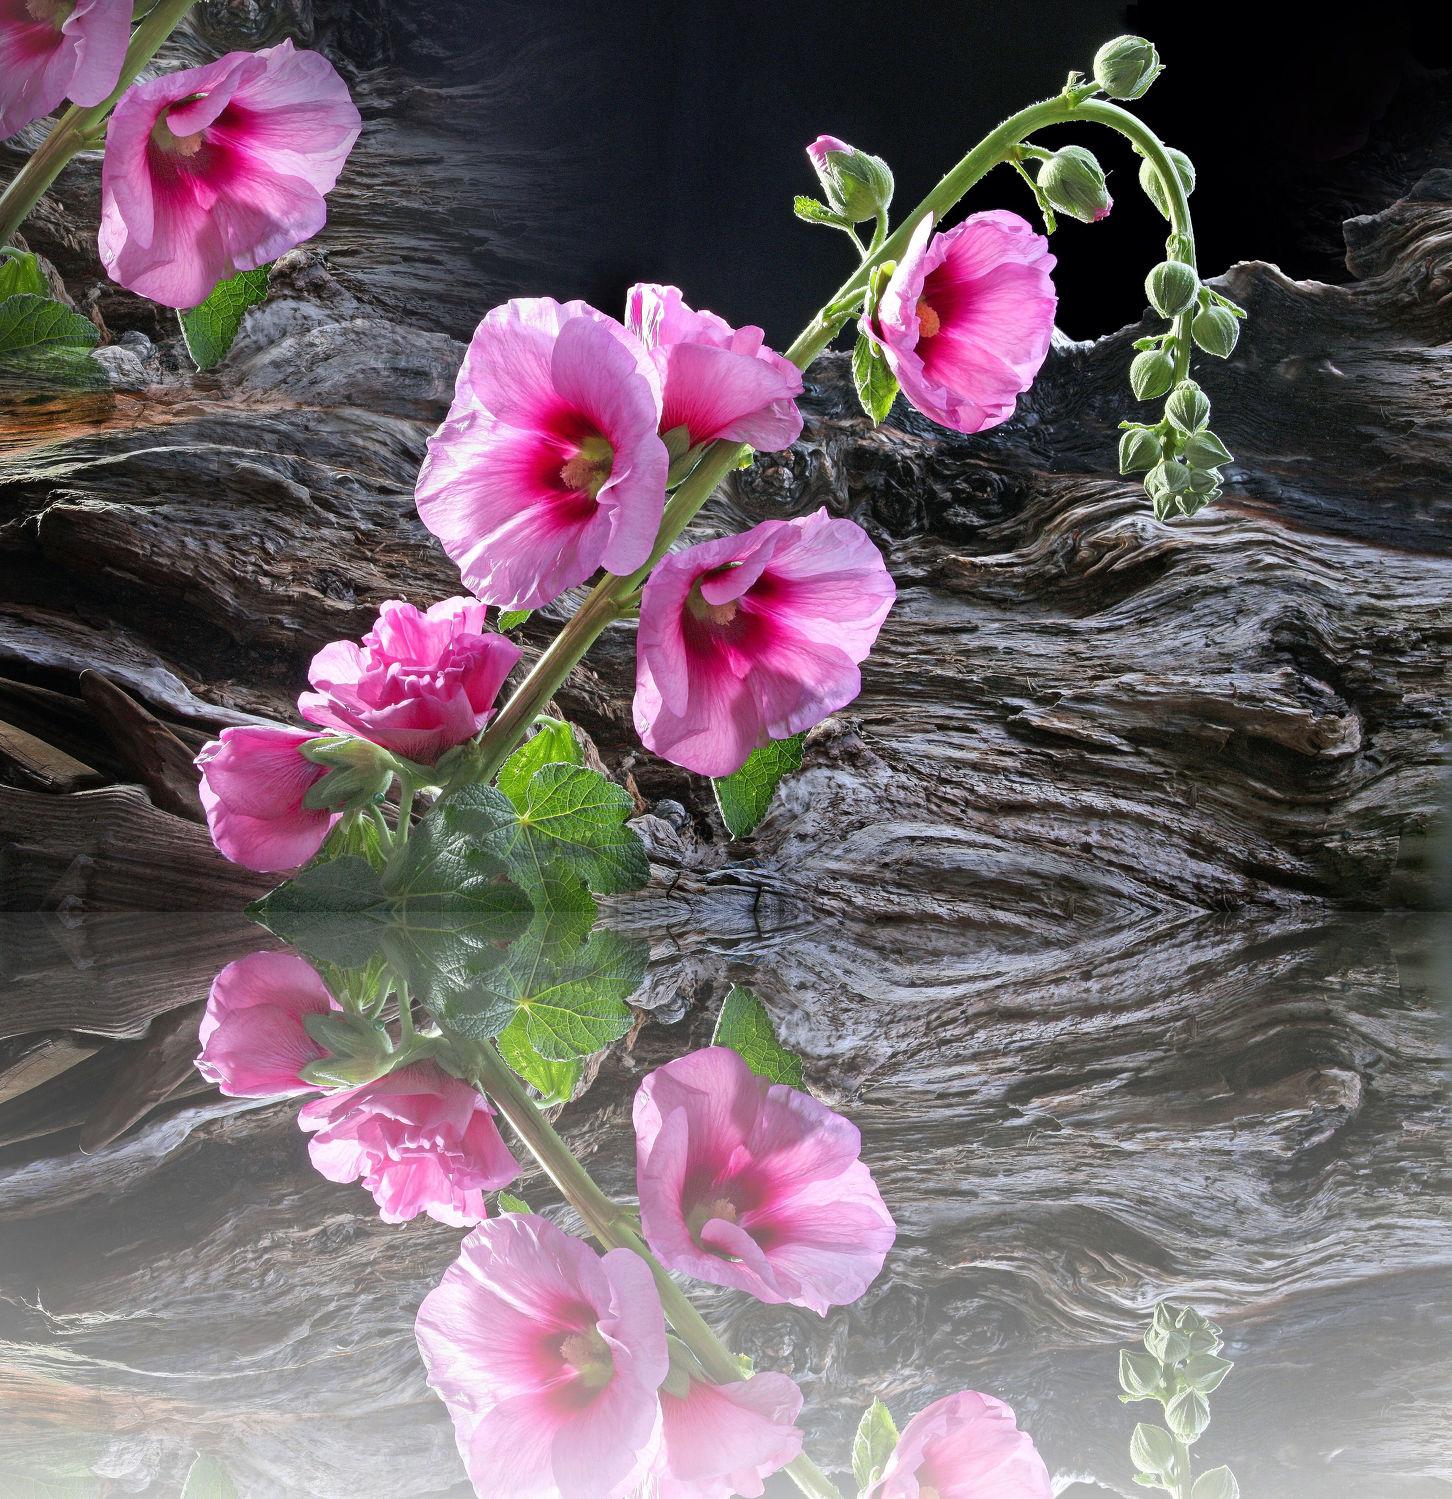 Bild mit Natur, Reflexion, Blumen, Rosen, Landschaft, Blume, Rose, Spiegelung, Floral, Stilleben, Blüten, Florales, blüte, Gebirge